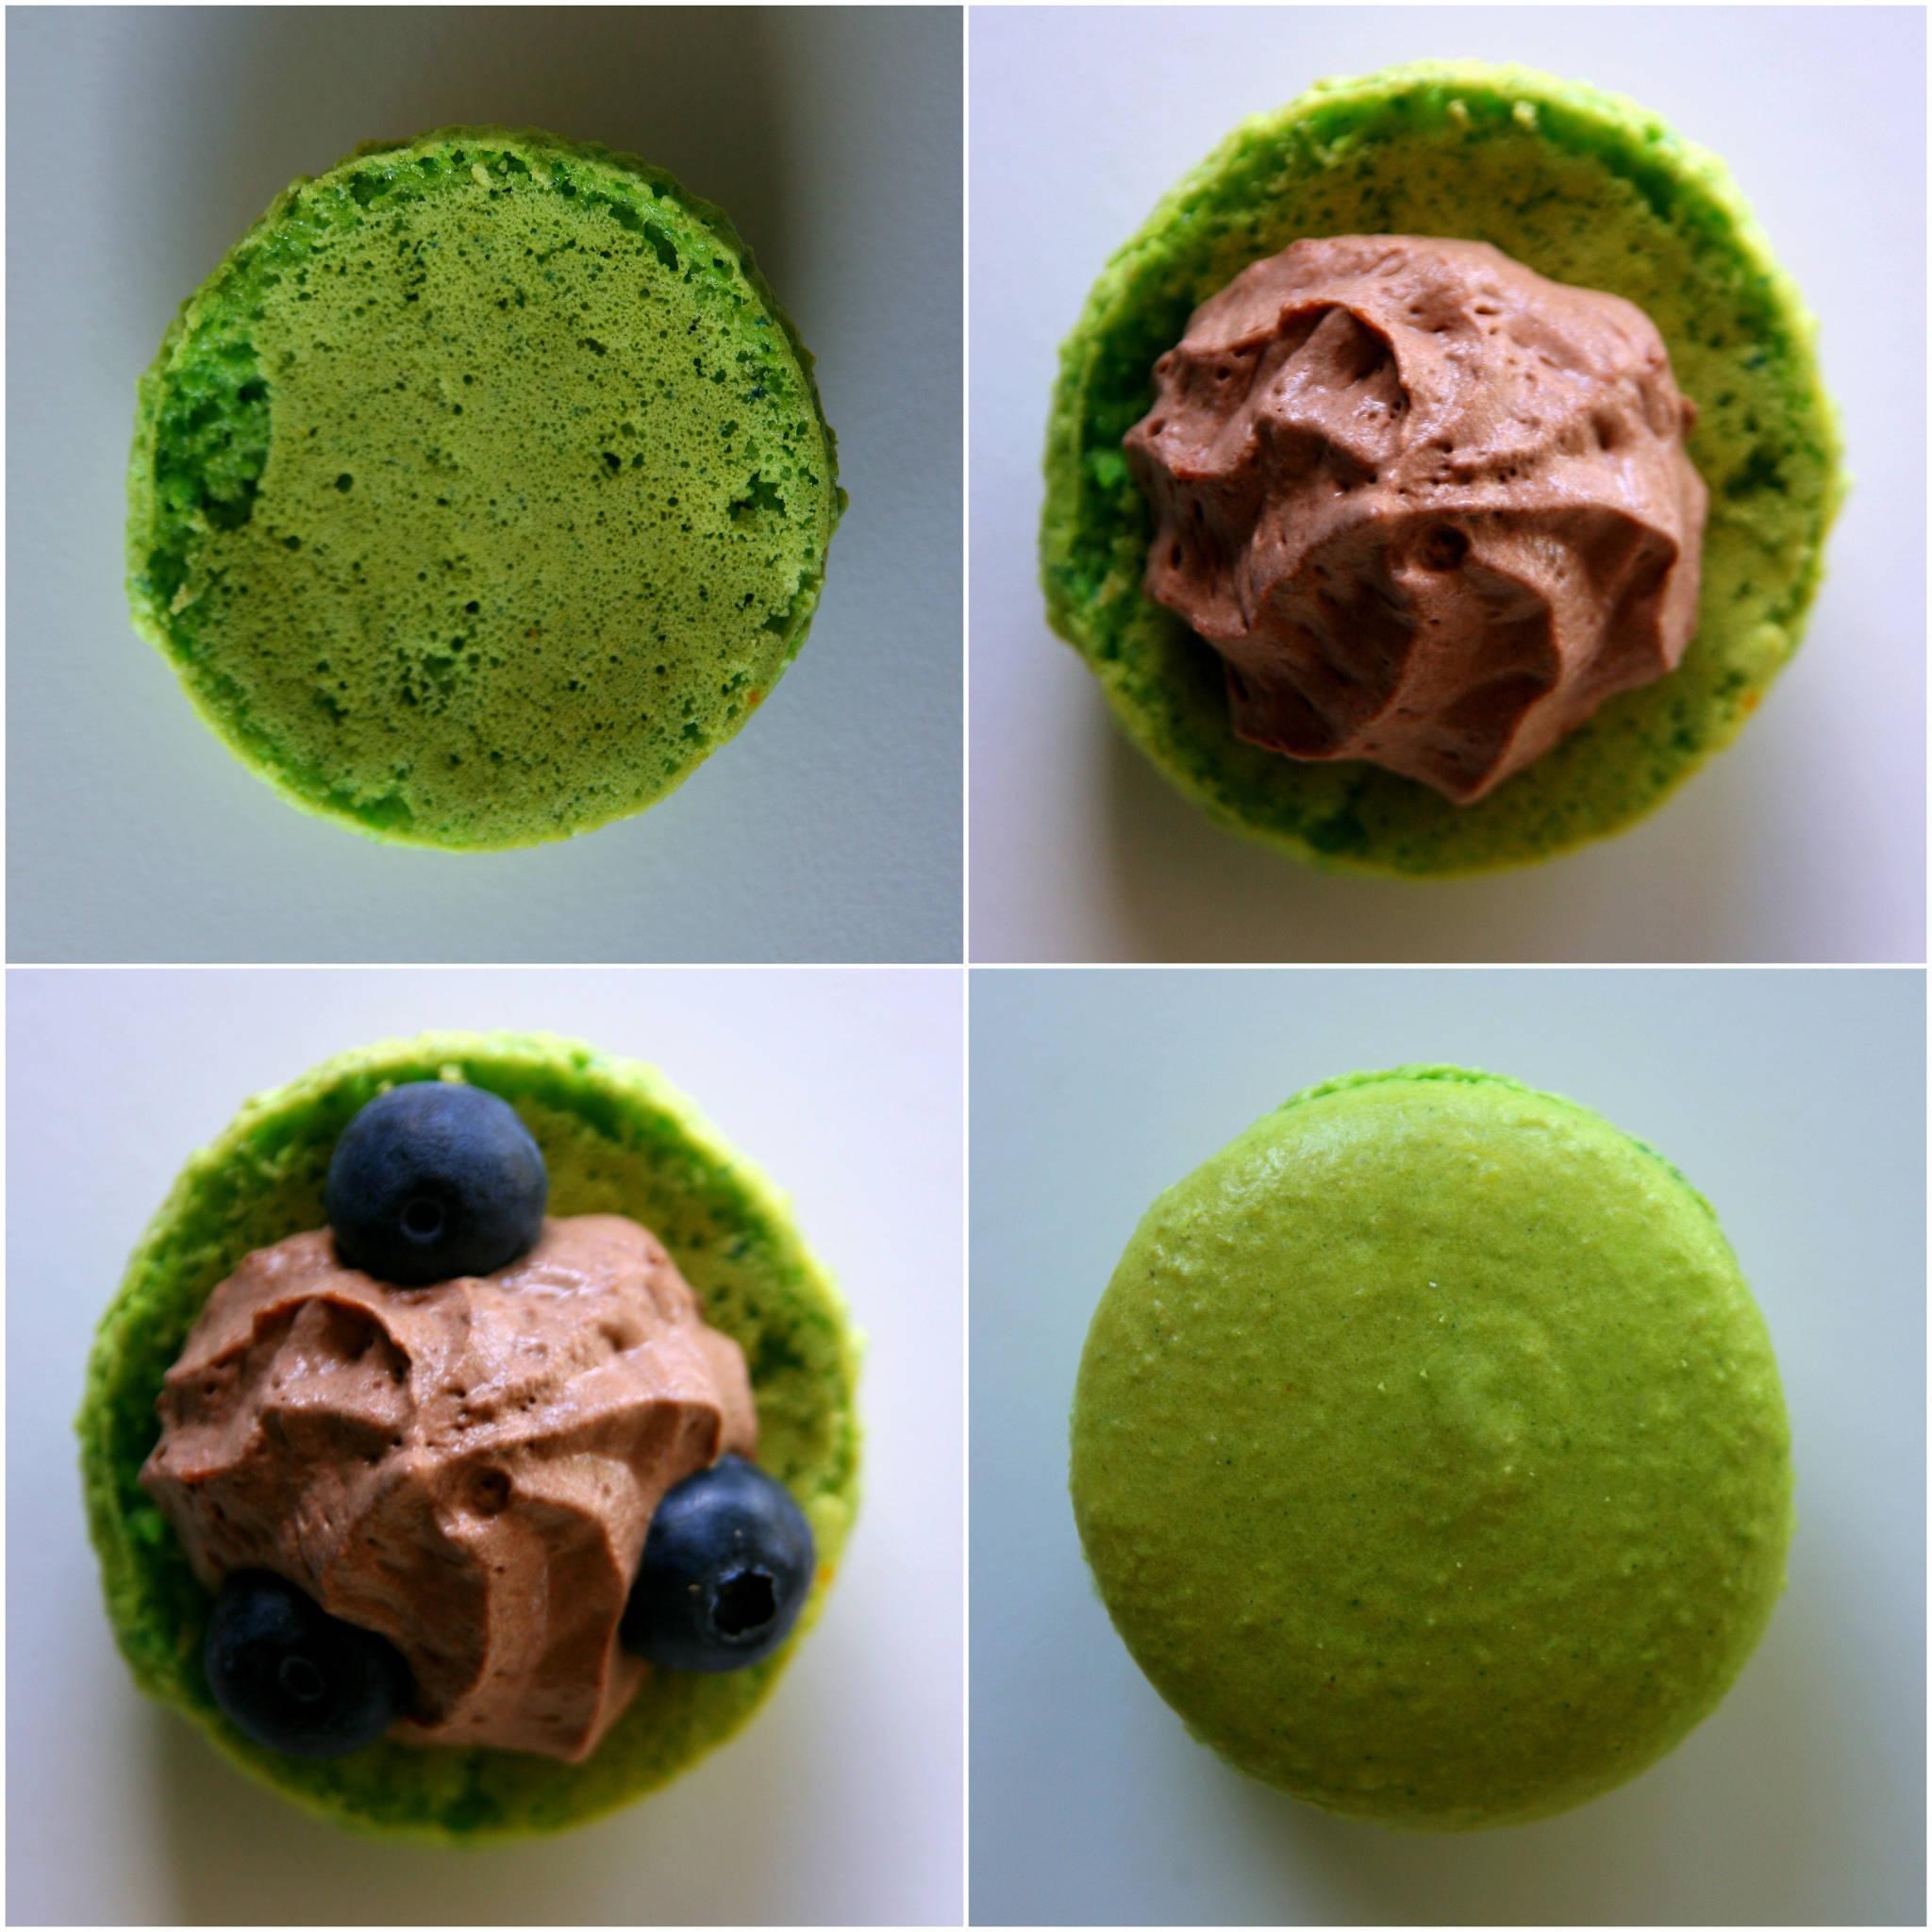 Macaron chocolat/myrtilles